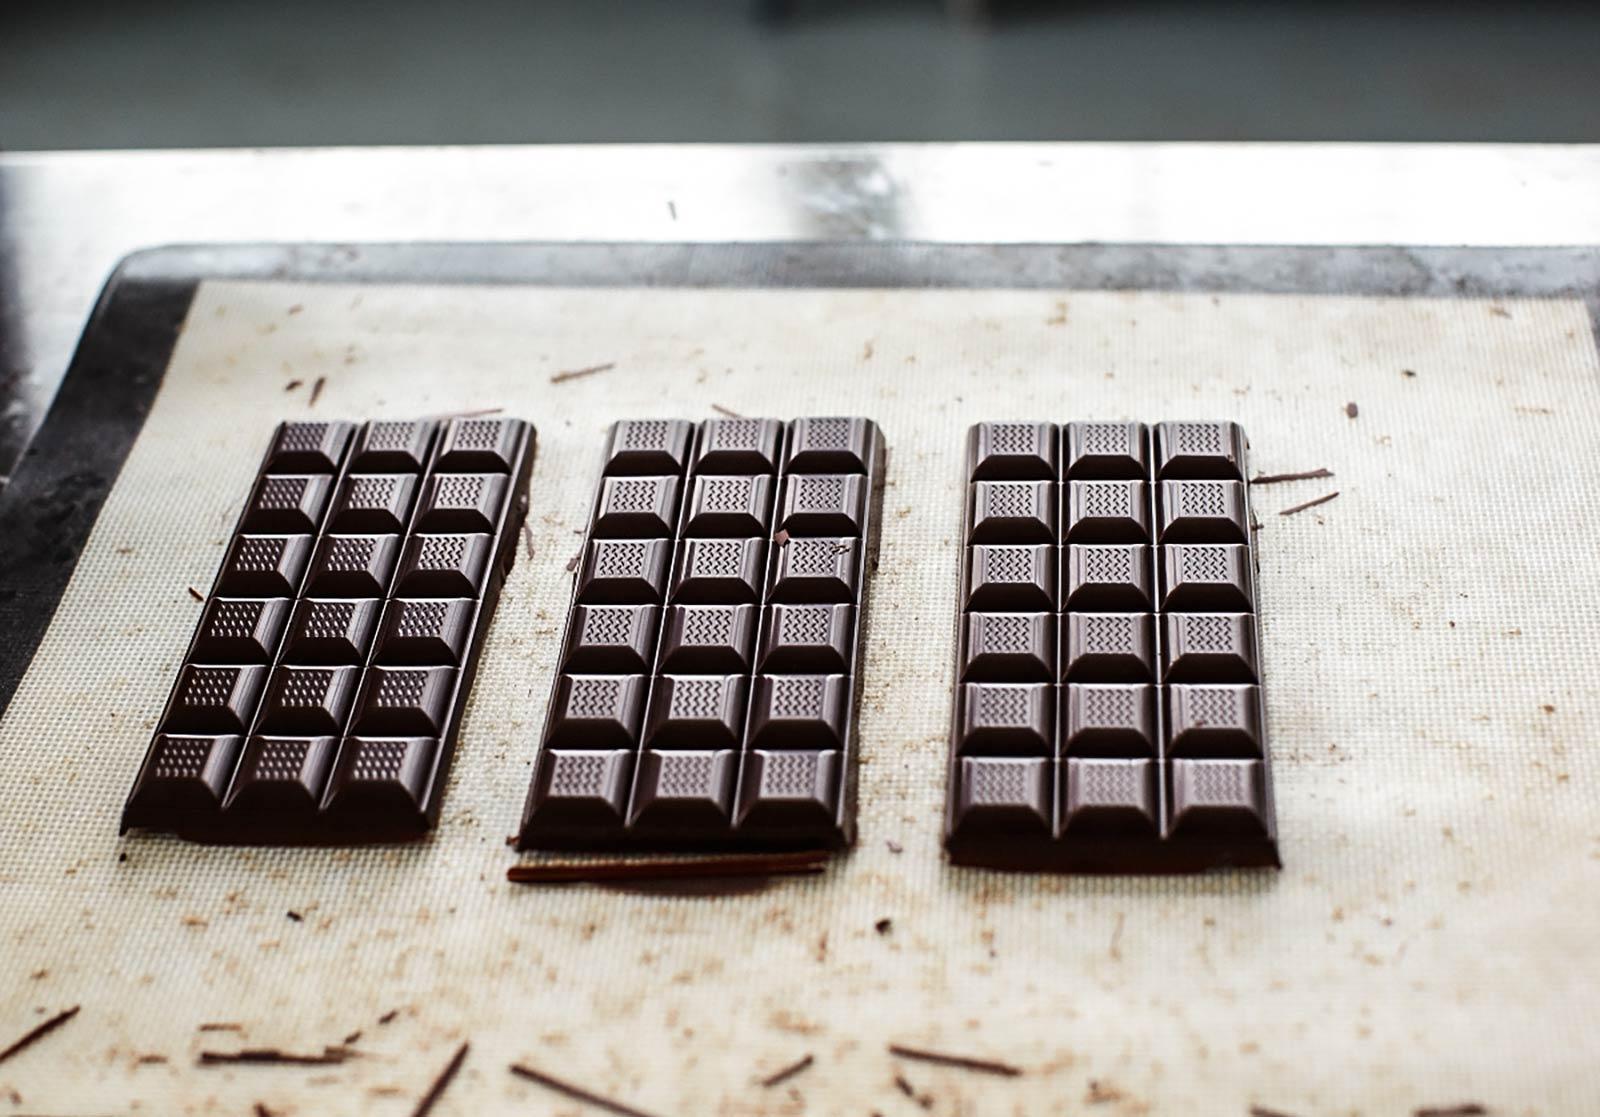 Süße Spezialitäten gibt es in der Manufaktur als seltene, sortenreine Kreationen:Von der Bohne bis zur fertigen Tafel ein transparenter Prozess